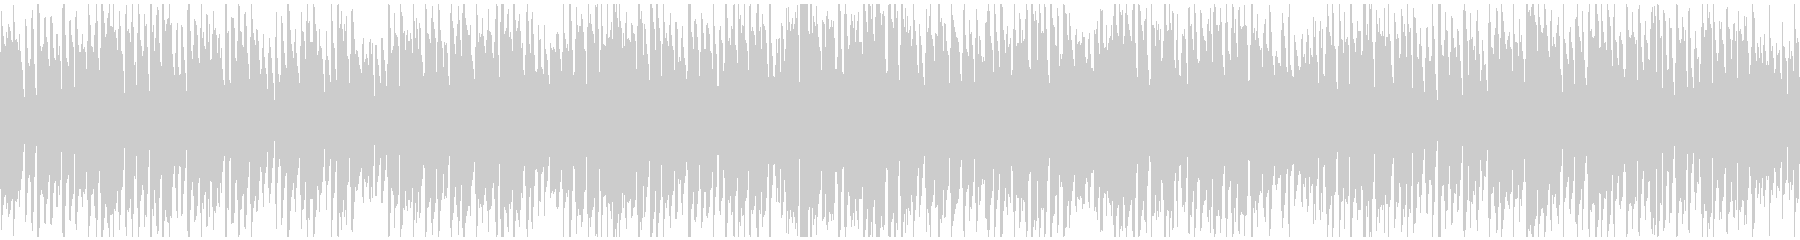 コメディ系の管楽器ポップス劇伴※ループ版の未再生の波形